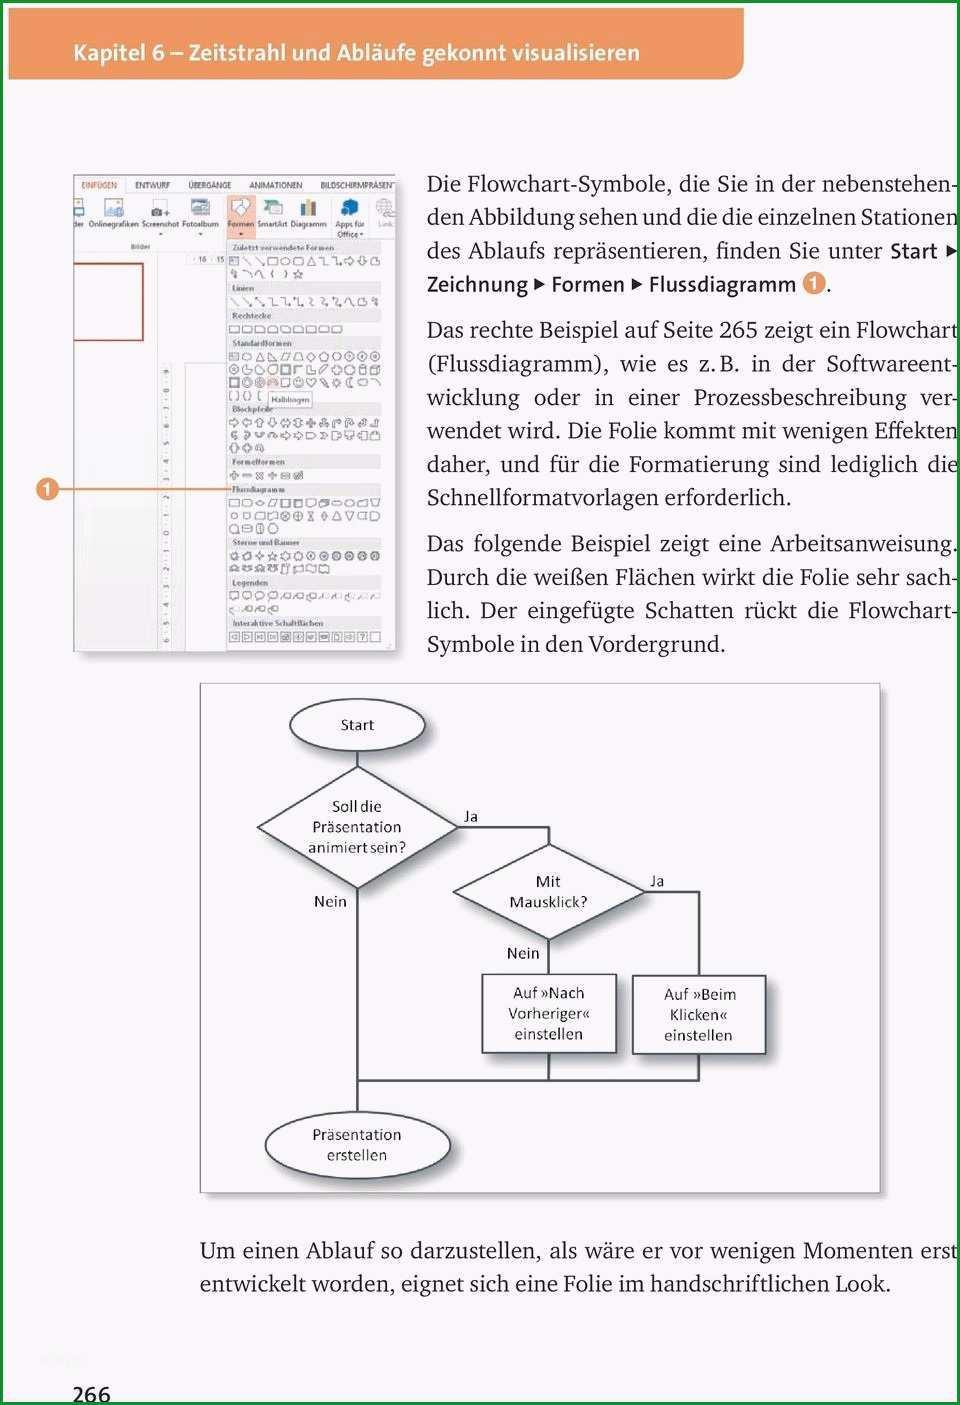 ungewohnlich flussdiagramm vorlage microsoft word bilder 2